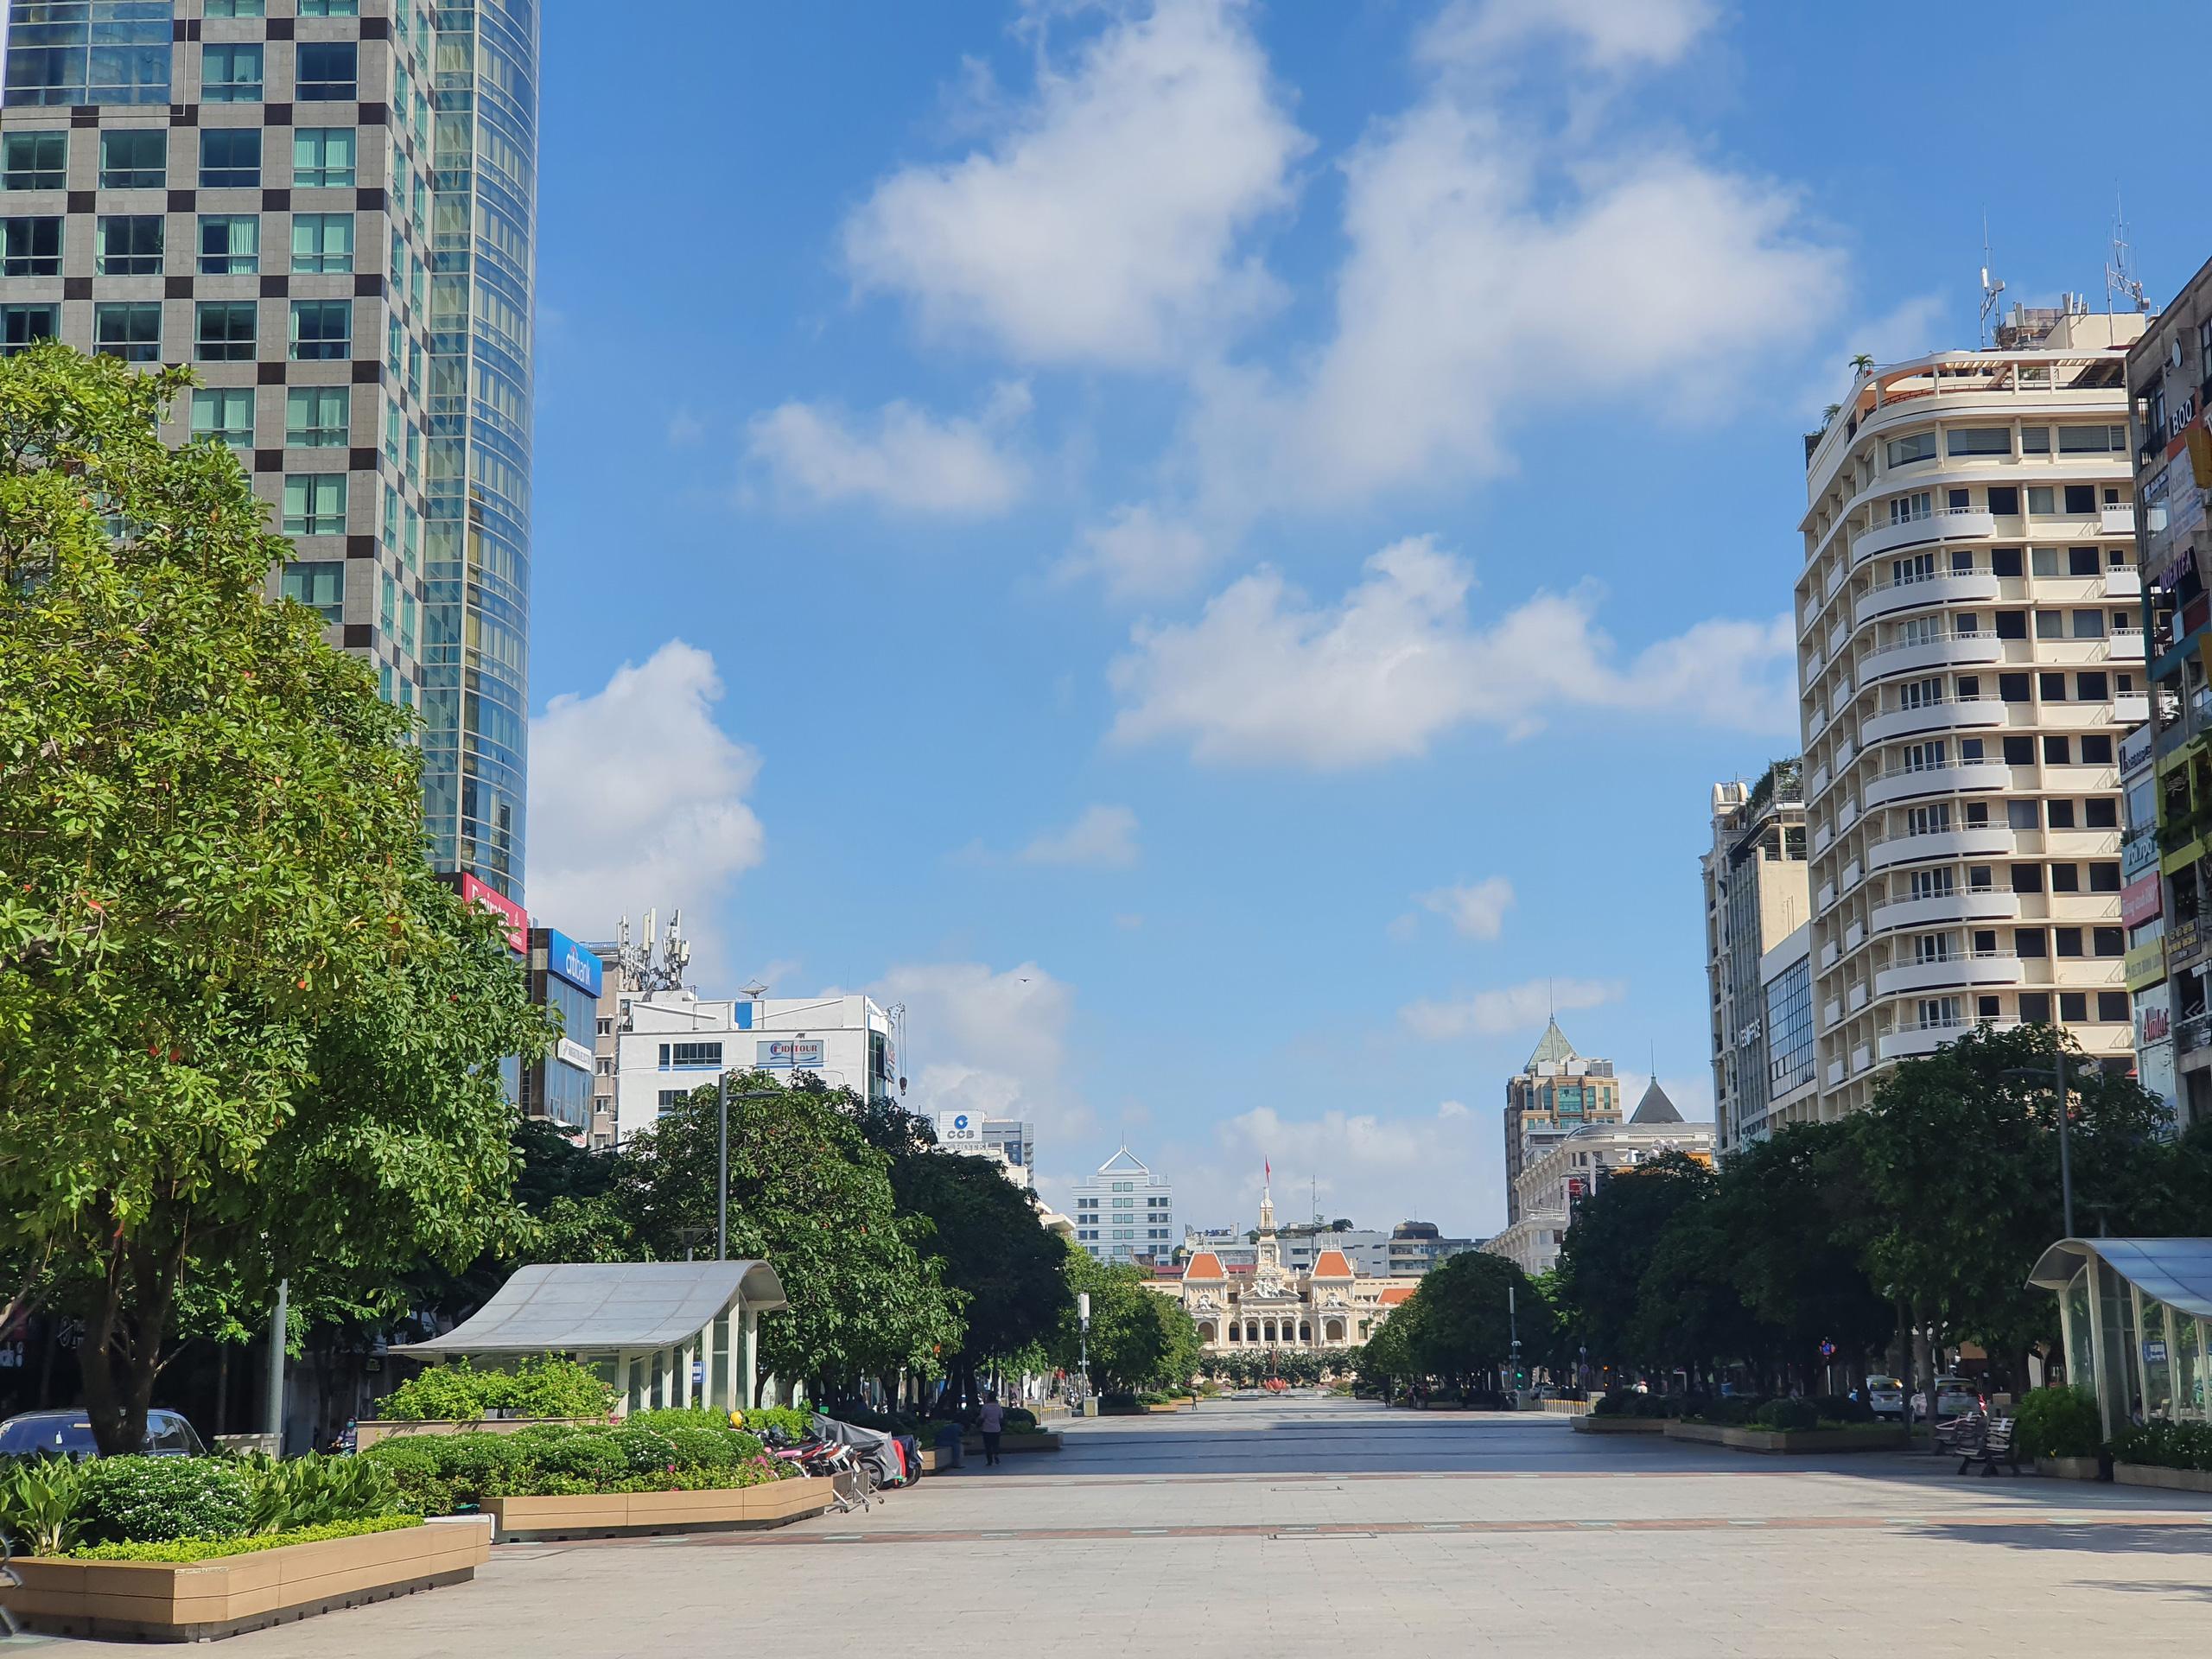 ẢNH: Ngày đầu giãn cách xã hội, đường TP.HCM không kẹt xe từ sáng tới chiều, Gò Vấp tạm dỡ chốt phong tỏa - Ảnh 5.